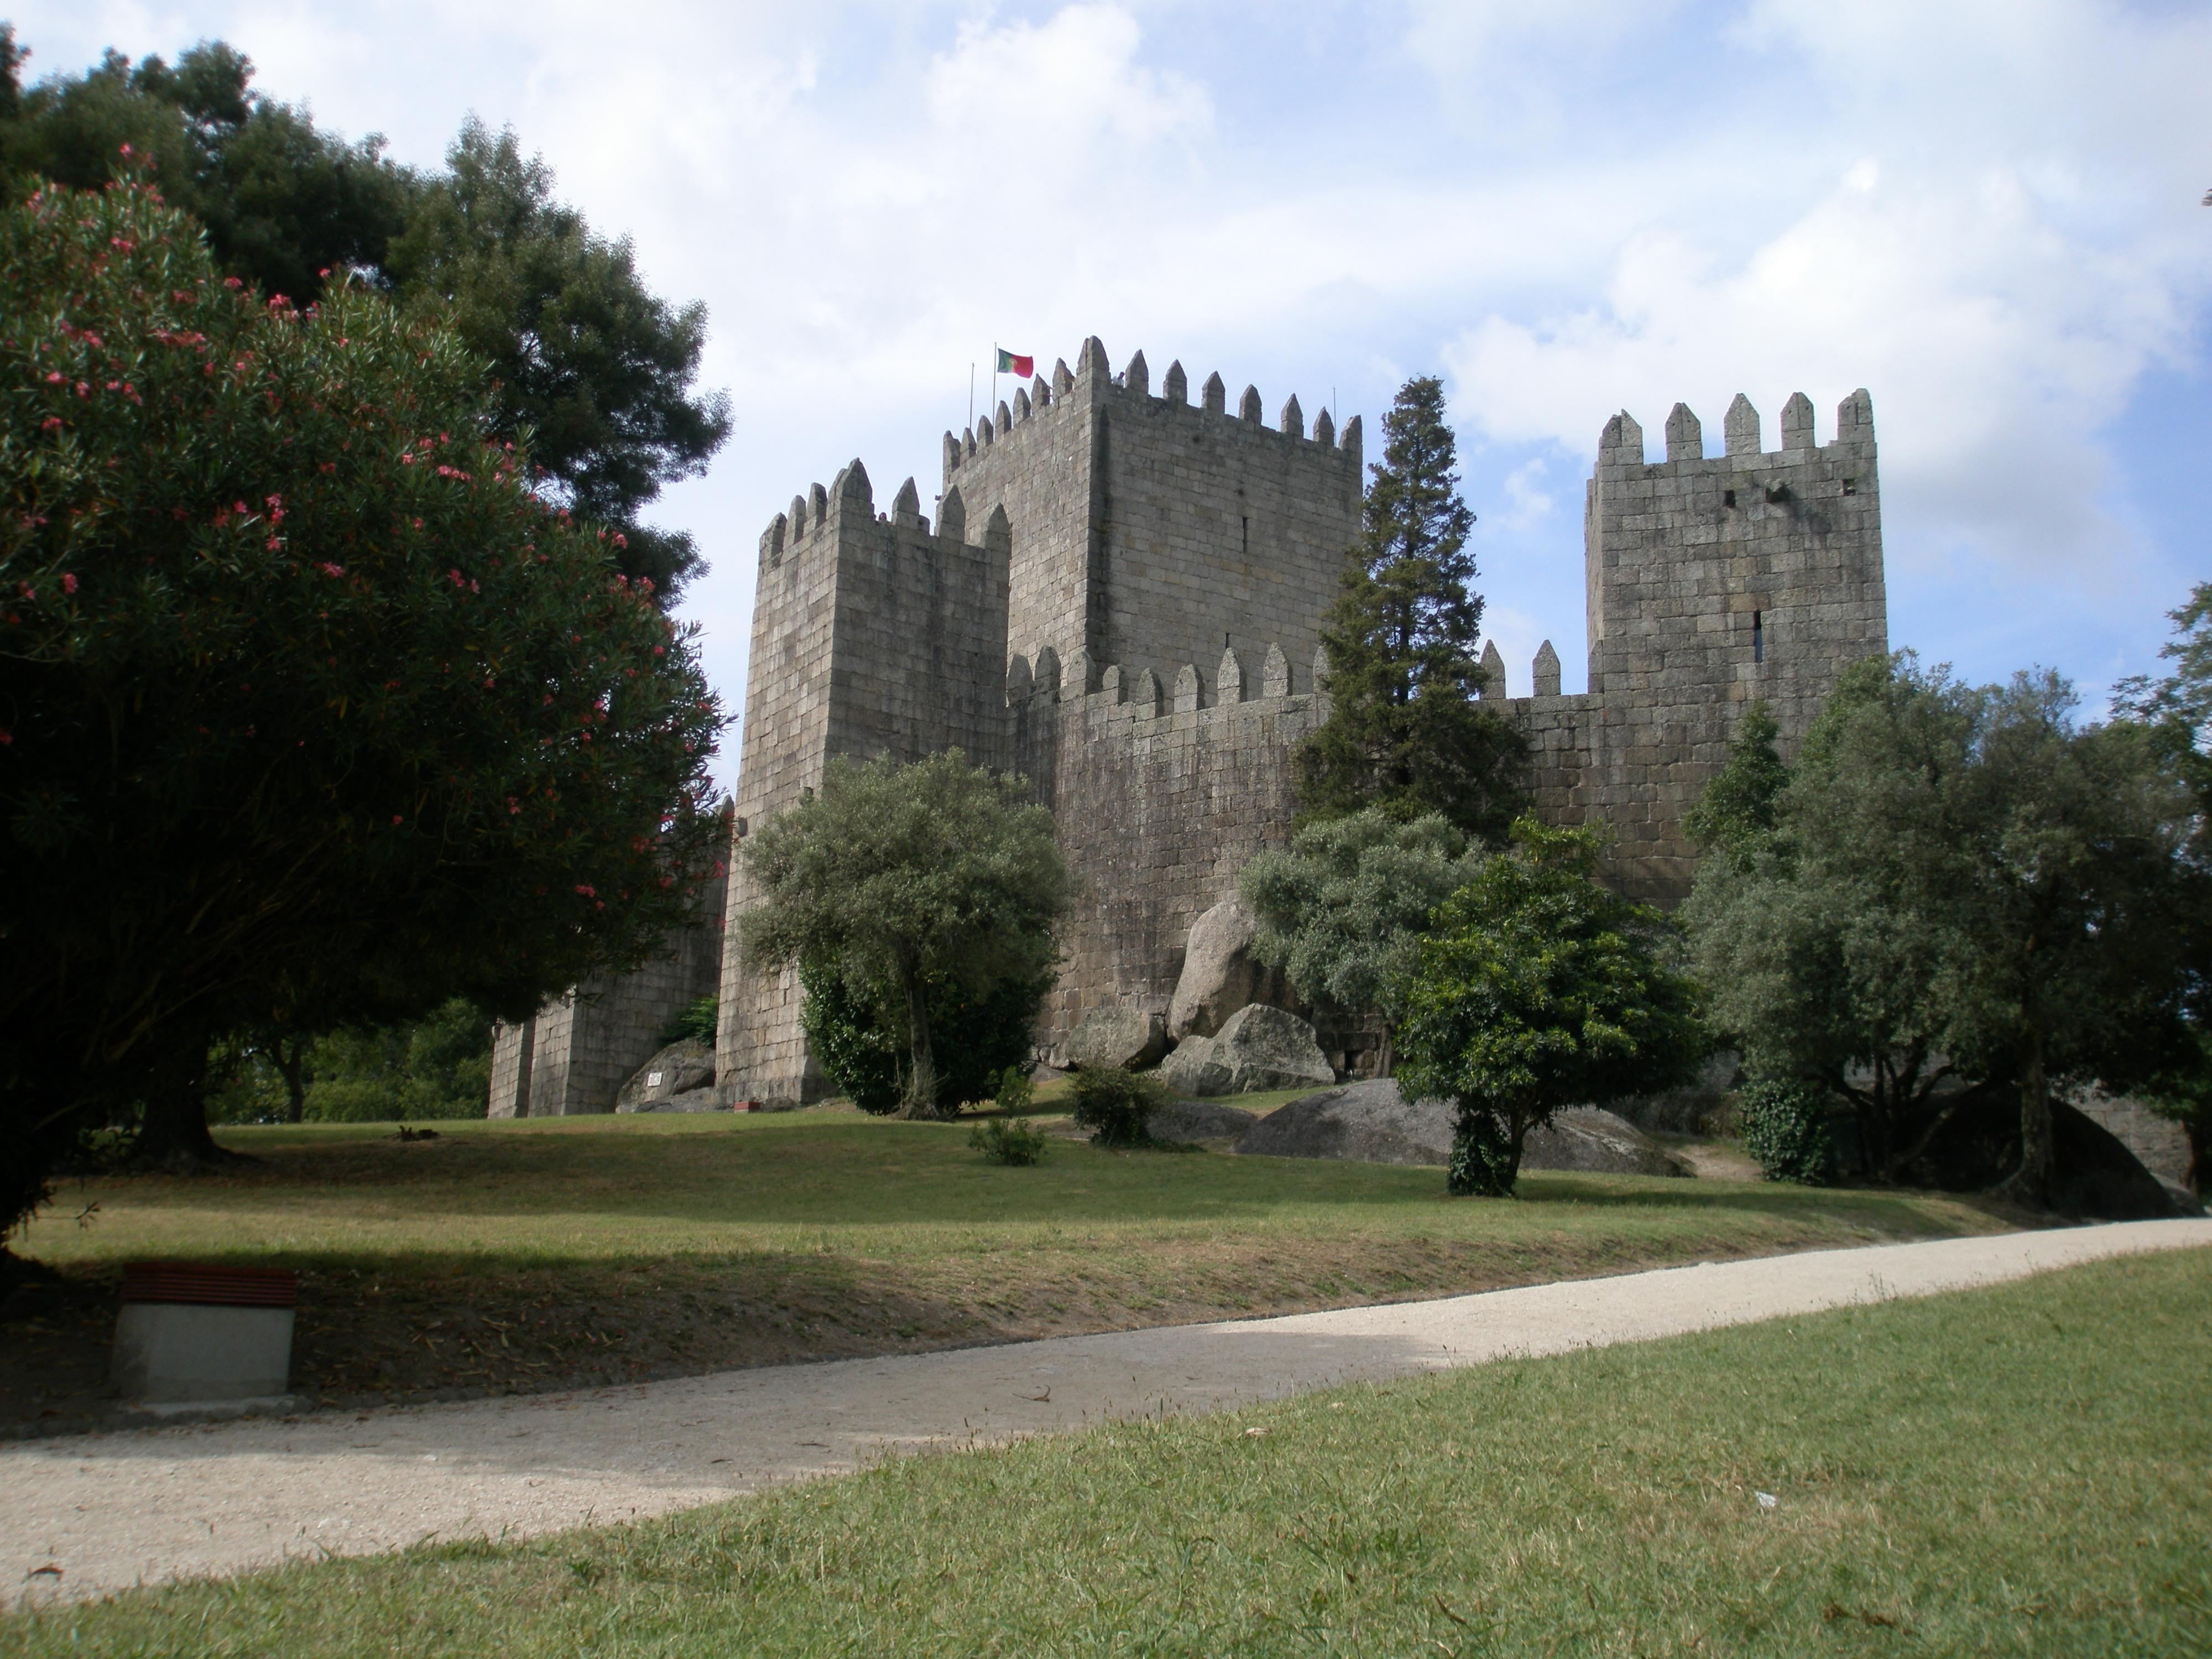 Die Festung von Guimarães, das Hauptsymbol für Portugals Unabhängigkeit.